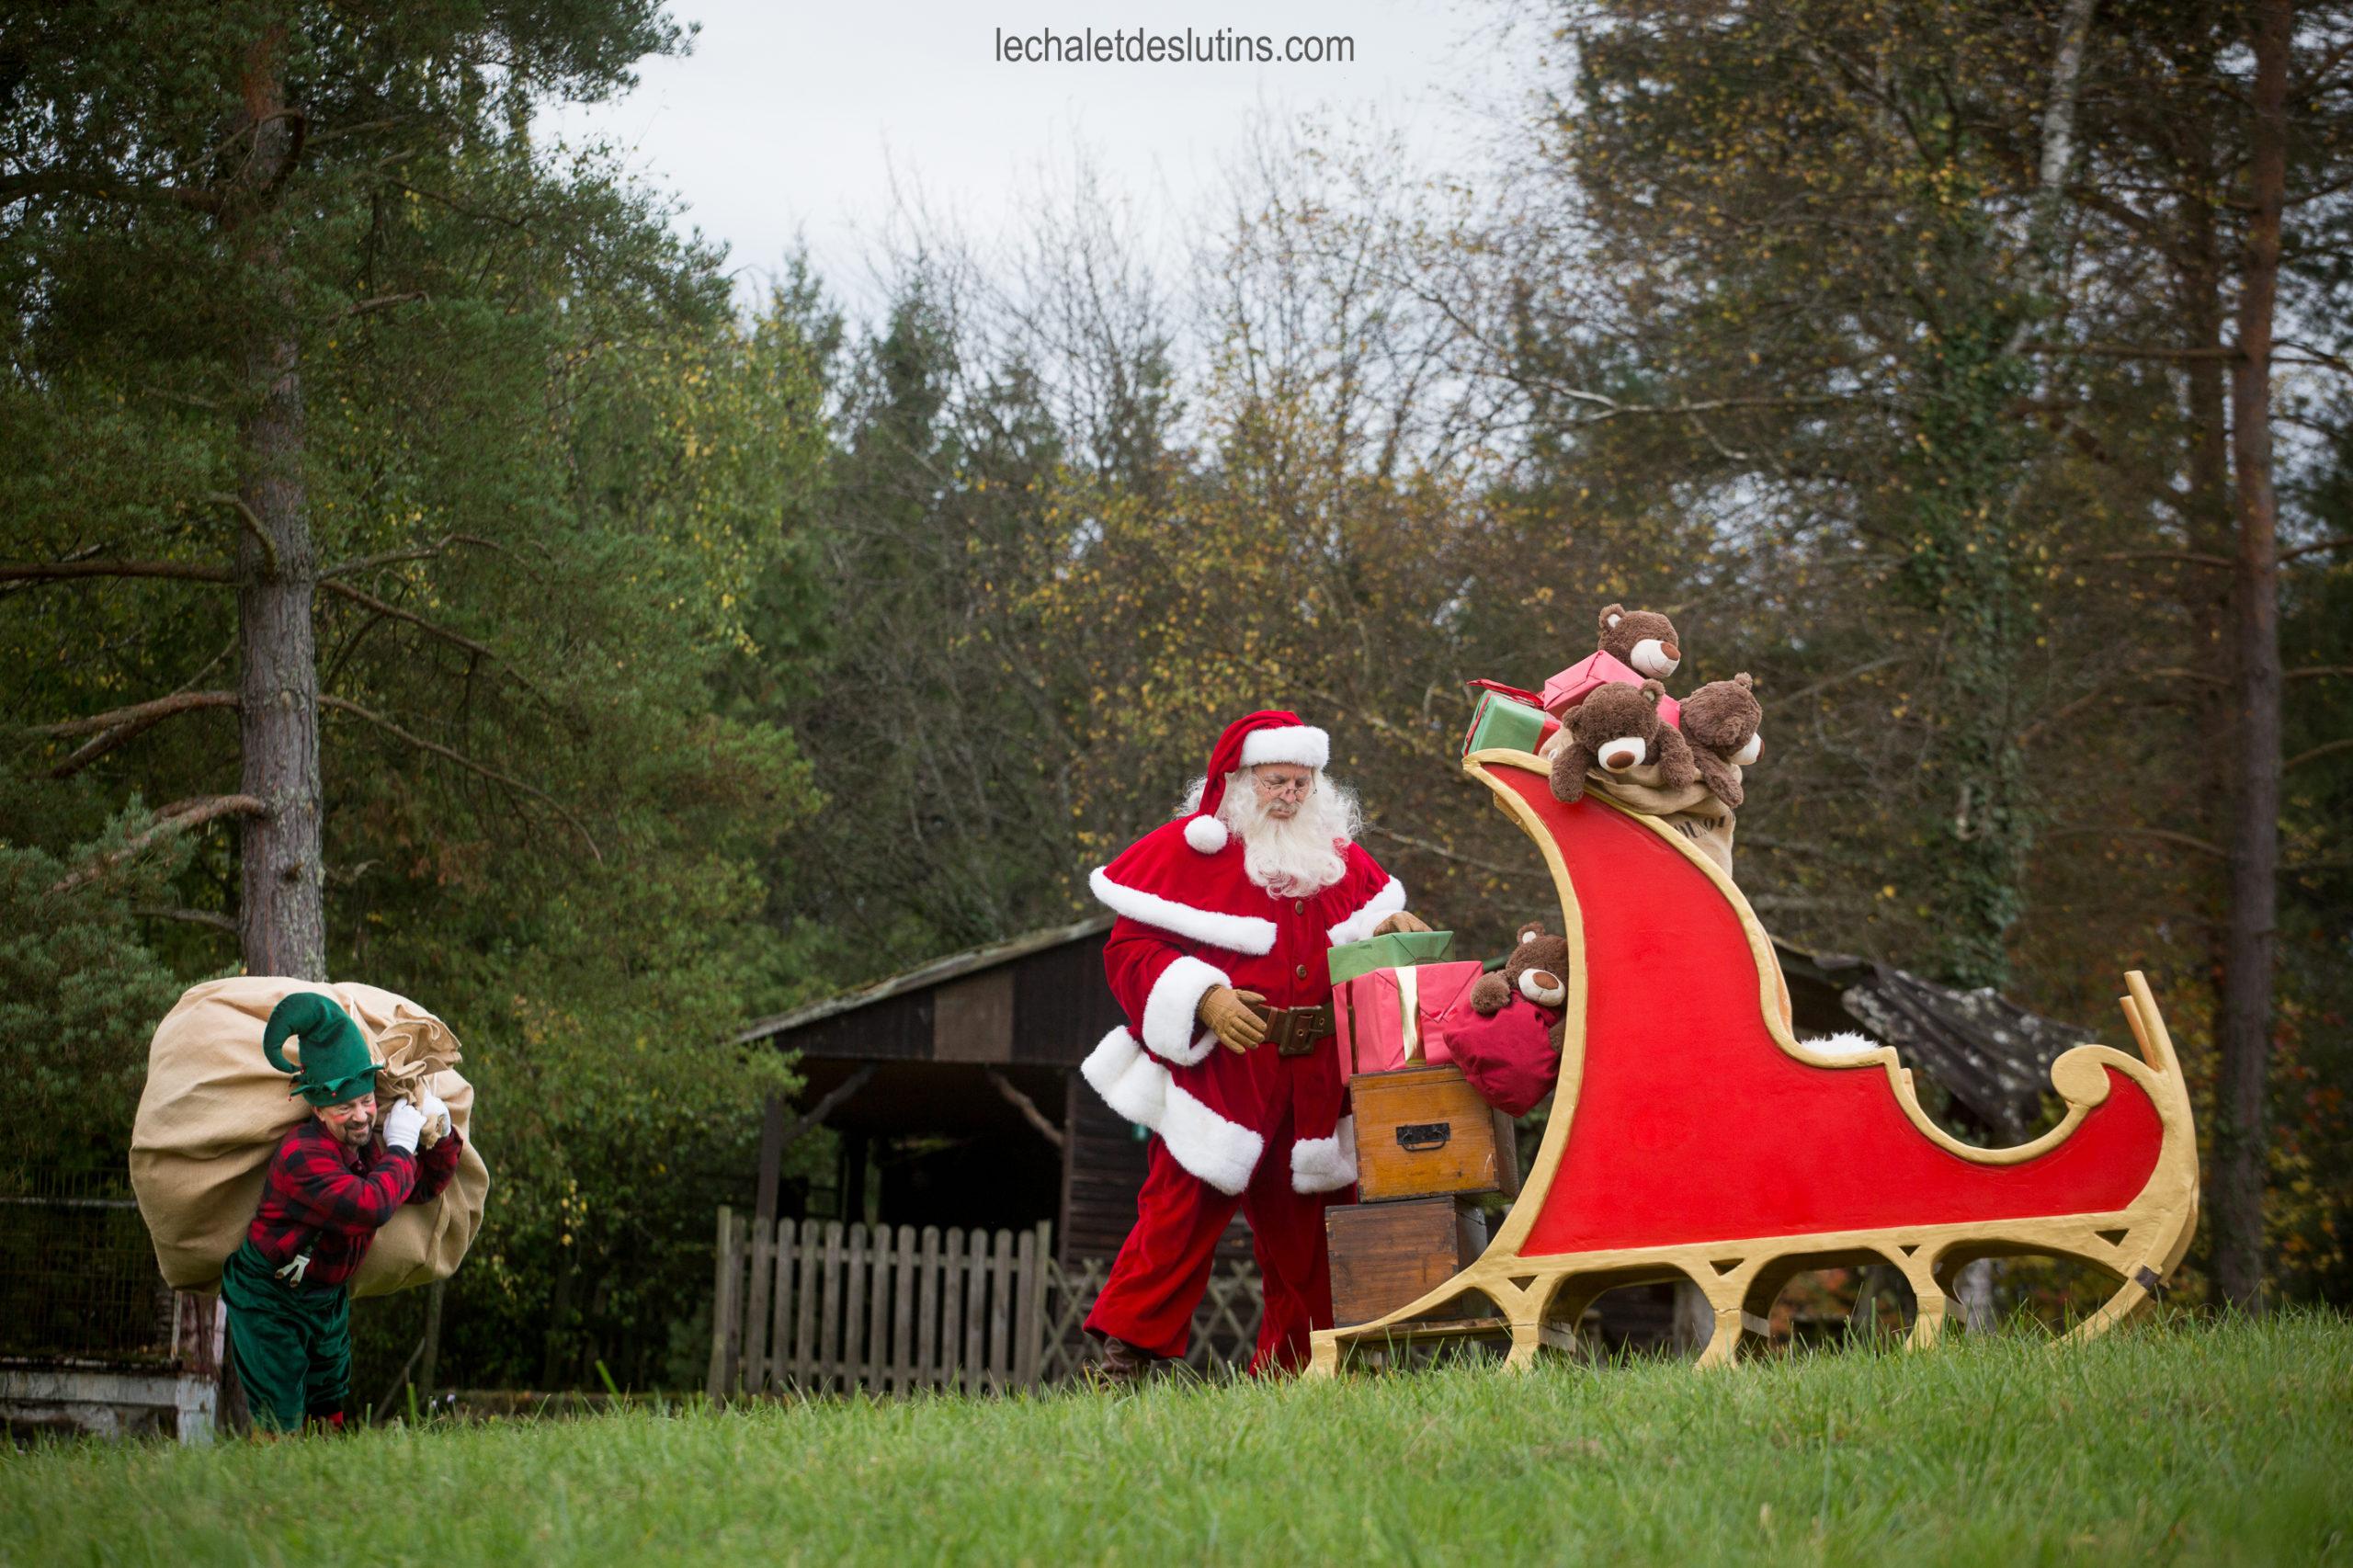 Le jour J approche le Père Noël et son fidèle lutin préparent le long voyage du 24 décembre